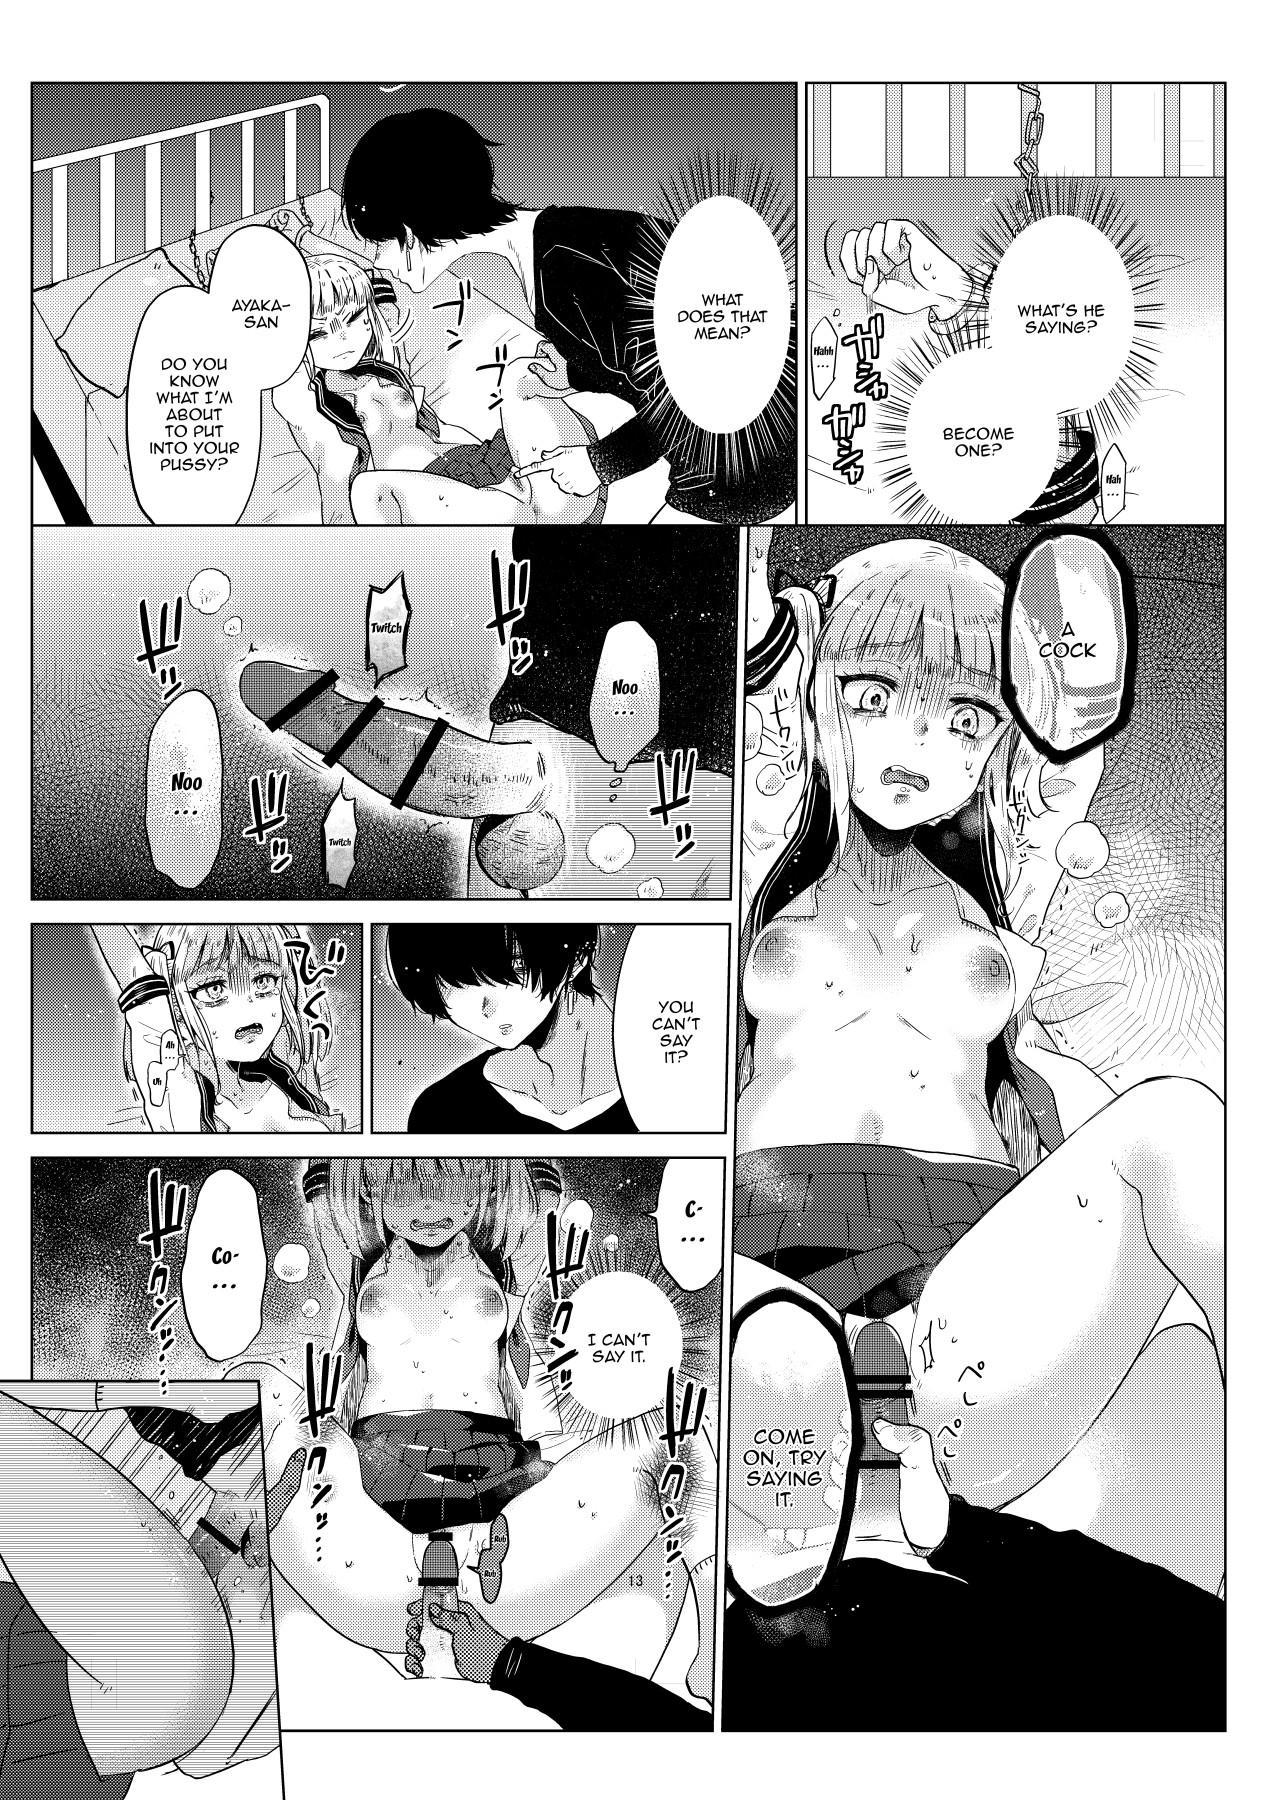 [Circle Mitsuhagane (Menu.)] Hairanhi no Mesugaki JC Ayaka-chan ~Kankin → Tanetsuke Rape no Matsuro~ | Schoolgirl Aya-chan's Ovulation Day ~Confinement Leads To Fucking Raw~ [English] {Doujins.com} 13